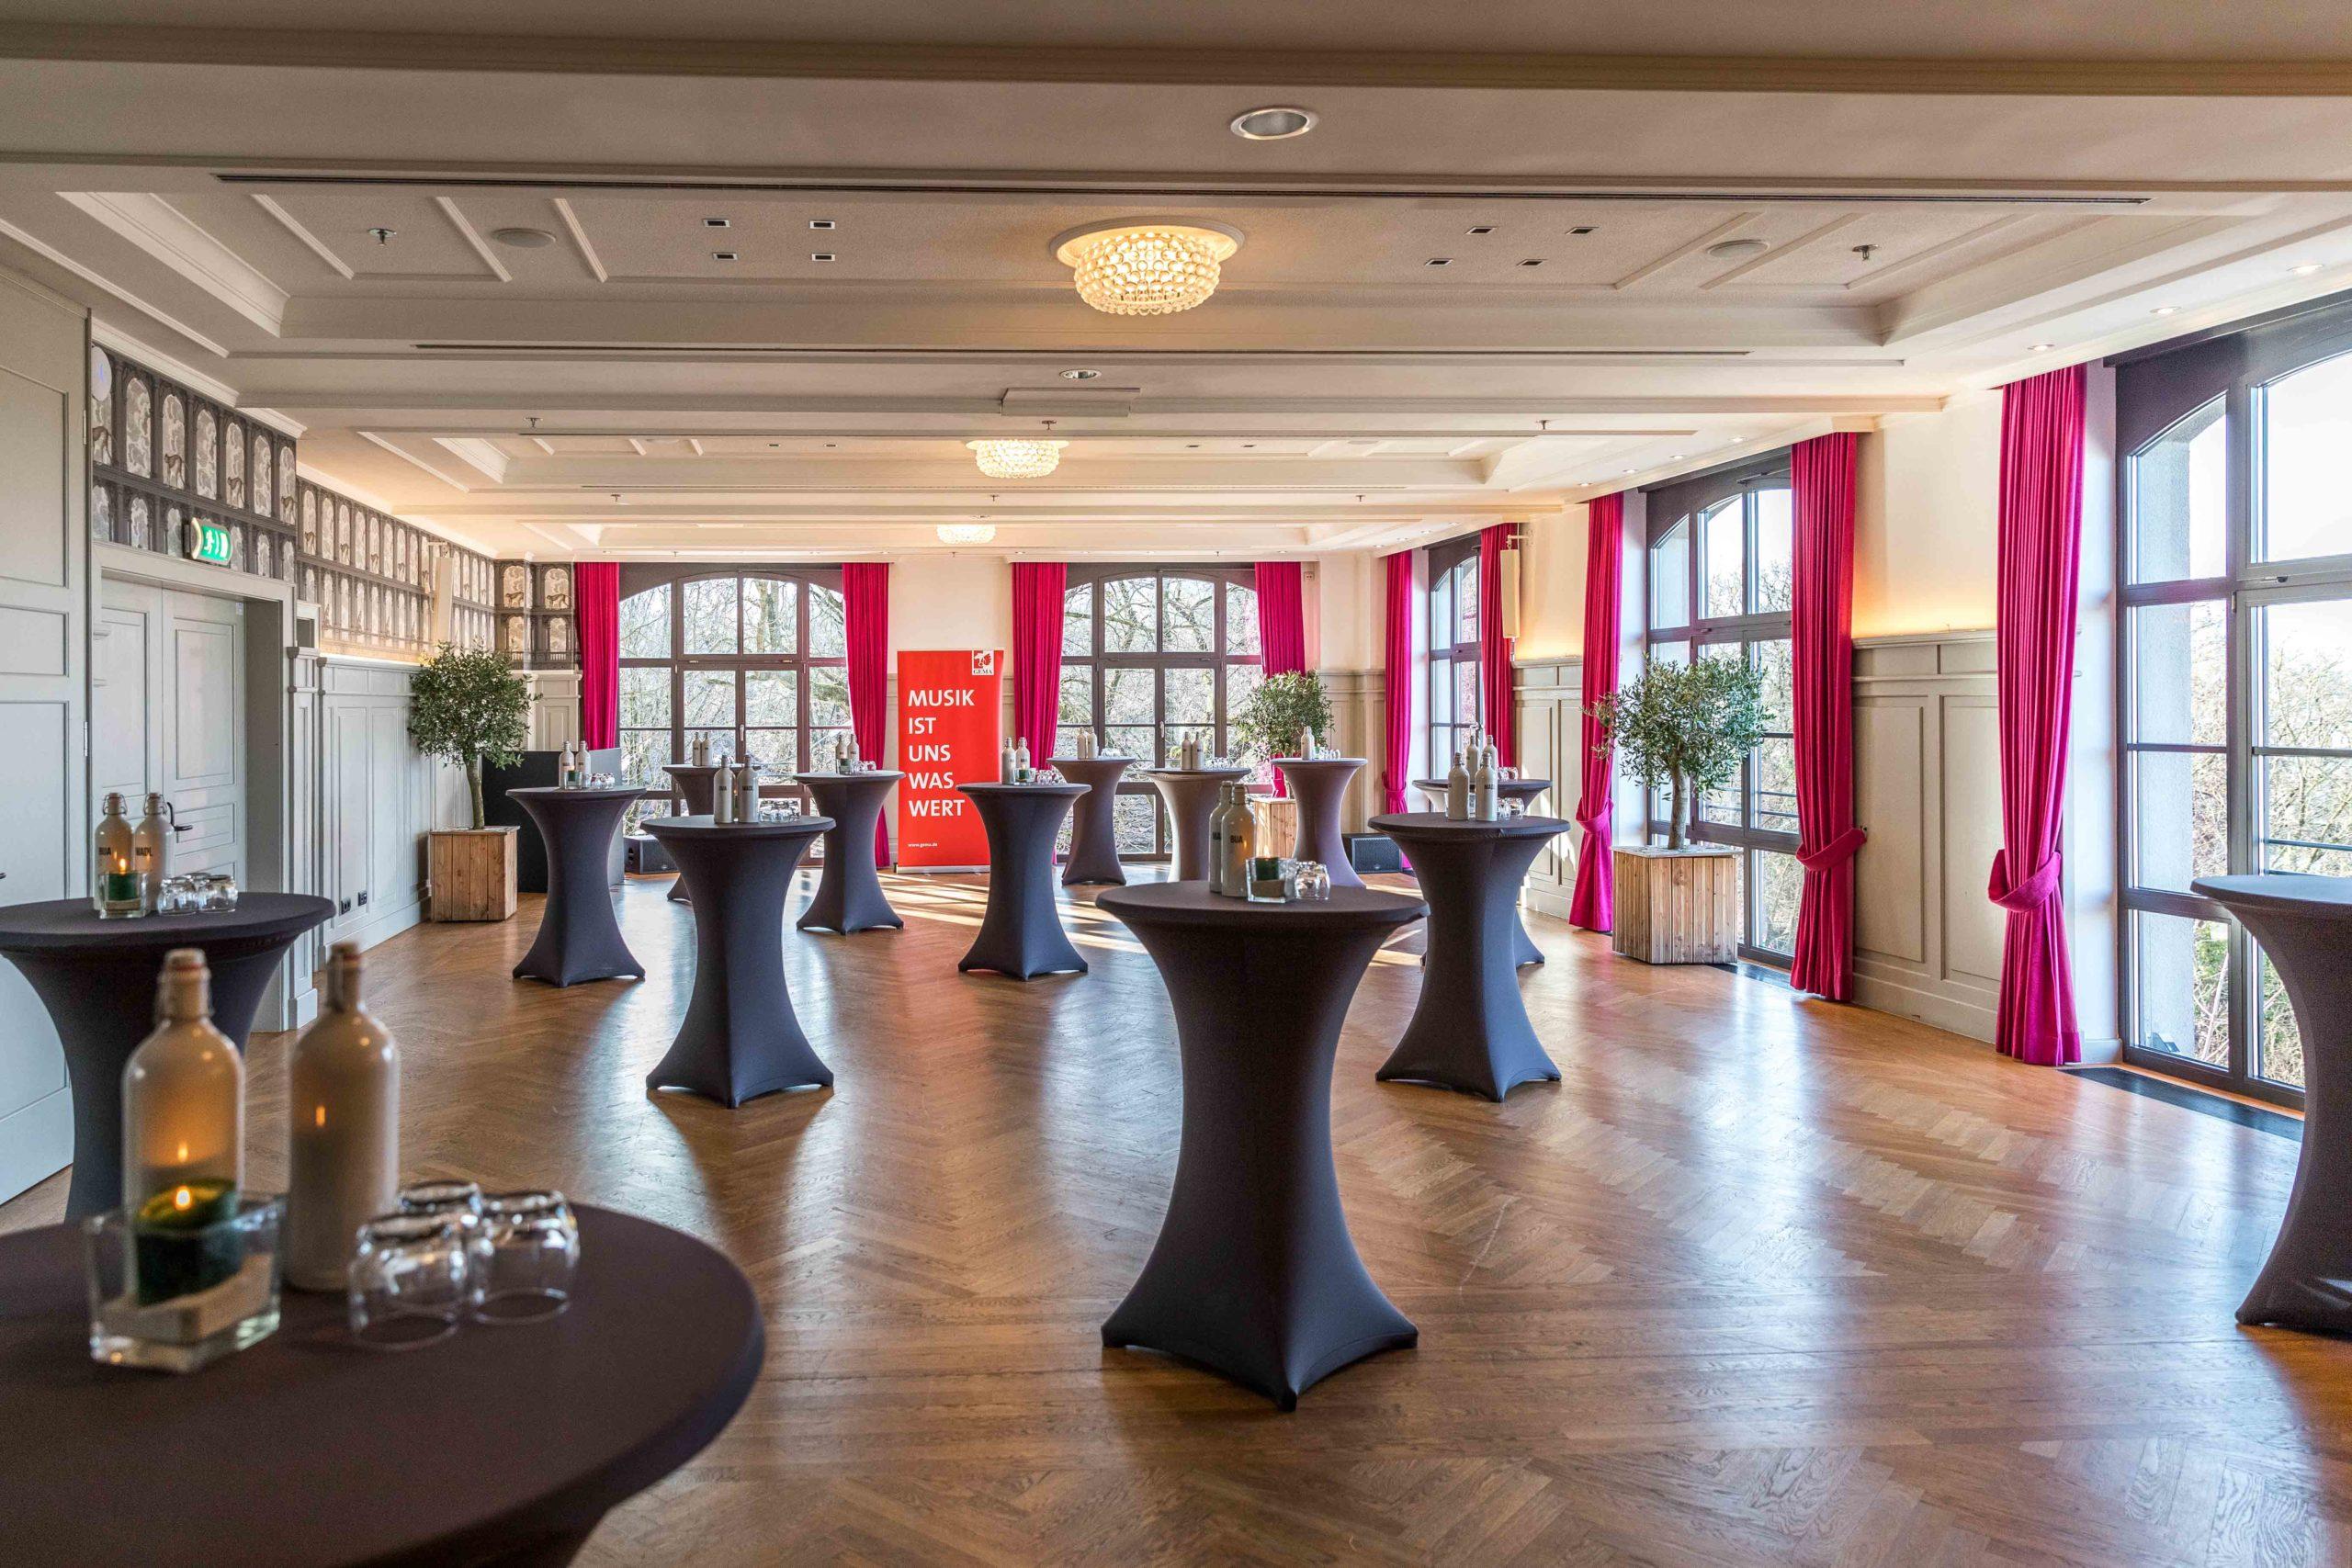 Eventfotografie Events München Anja Richter Fotografie GEMA NE 2020-8